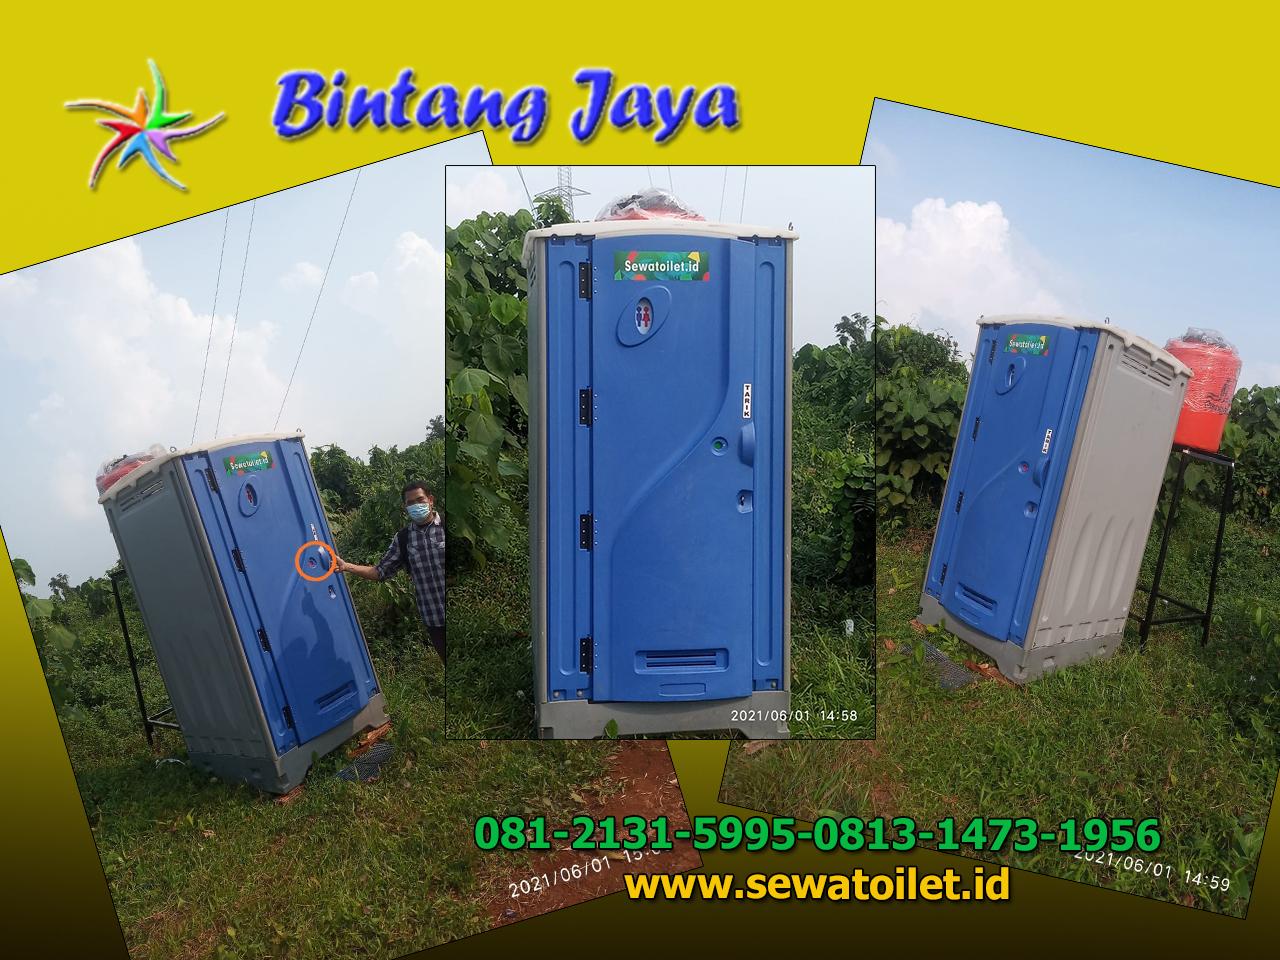 Sewa Toilet Portable Murah Bersih Jakarta